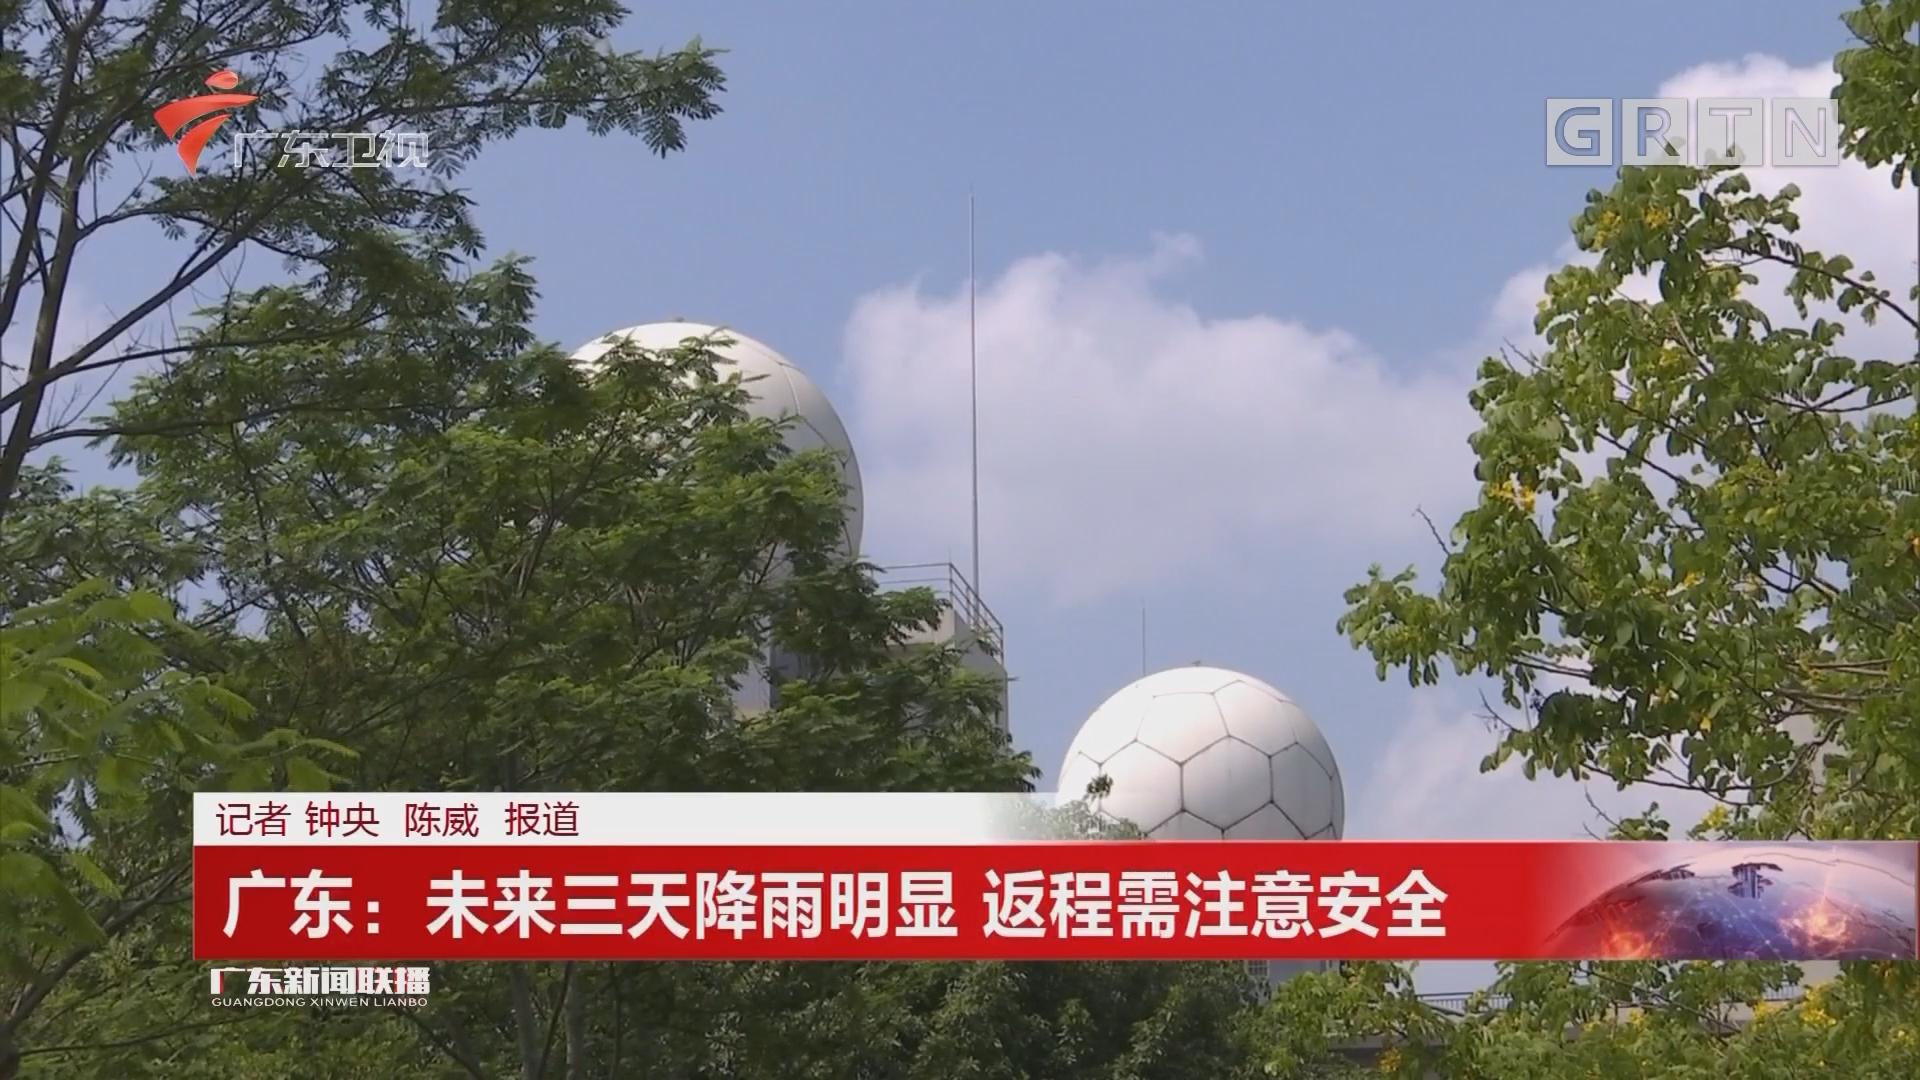 廣東:未來三天降雨明顯 返程需注意安全